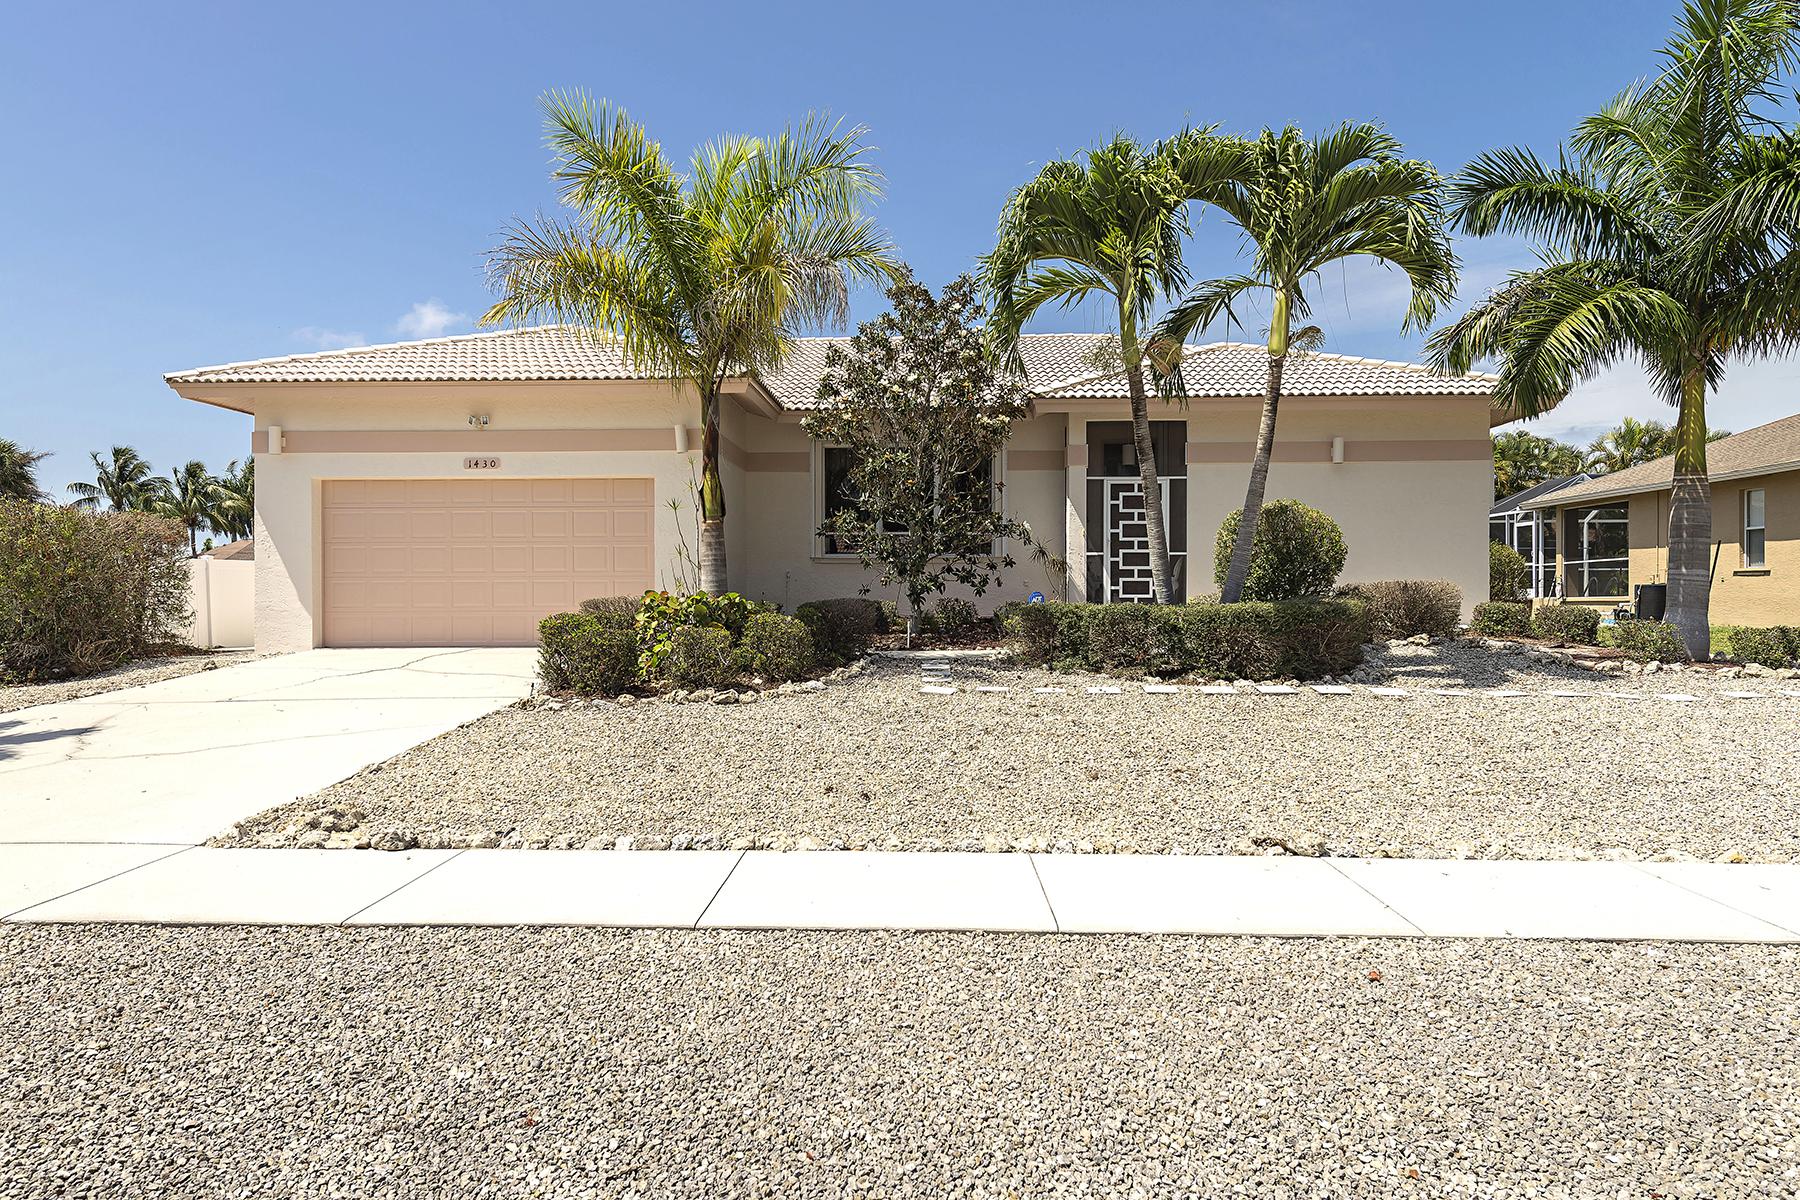 단독 가정 주택 용 매매 에 MARCO ISLAND - GALLEON AVE 1430 Galleon Ave Marco Island, 플로리다 34145 미국